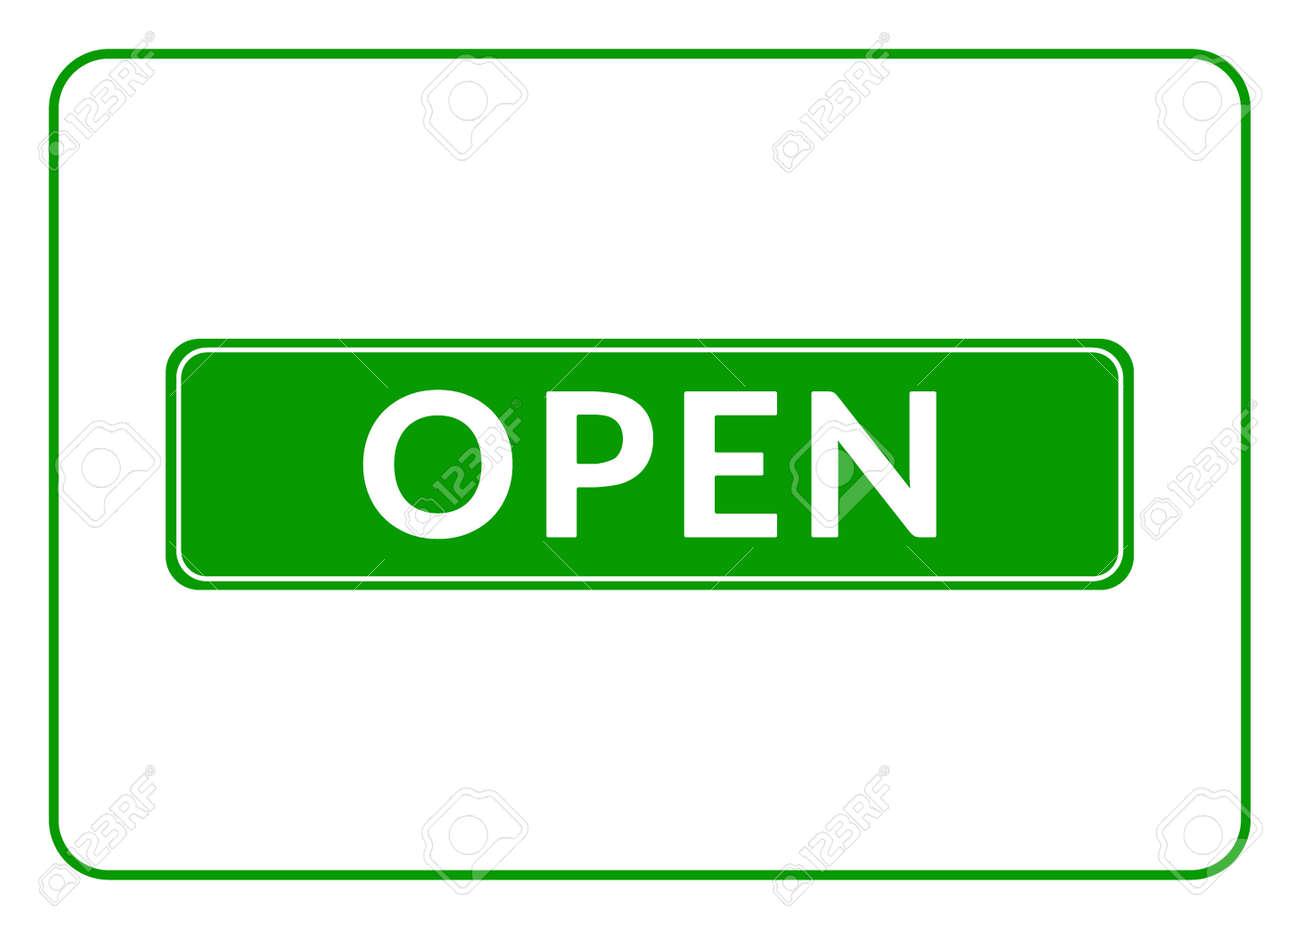 Panneau Ouvert Imprimer Avec Permettant Symbole Pour Magasin Cafe Hotel Bureau D Affaires Etc Icone Rectangulaire Informatif Entree Signboard